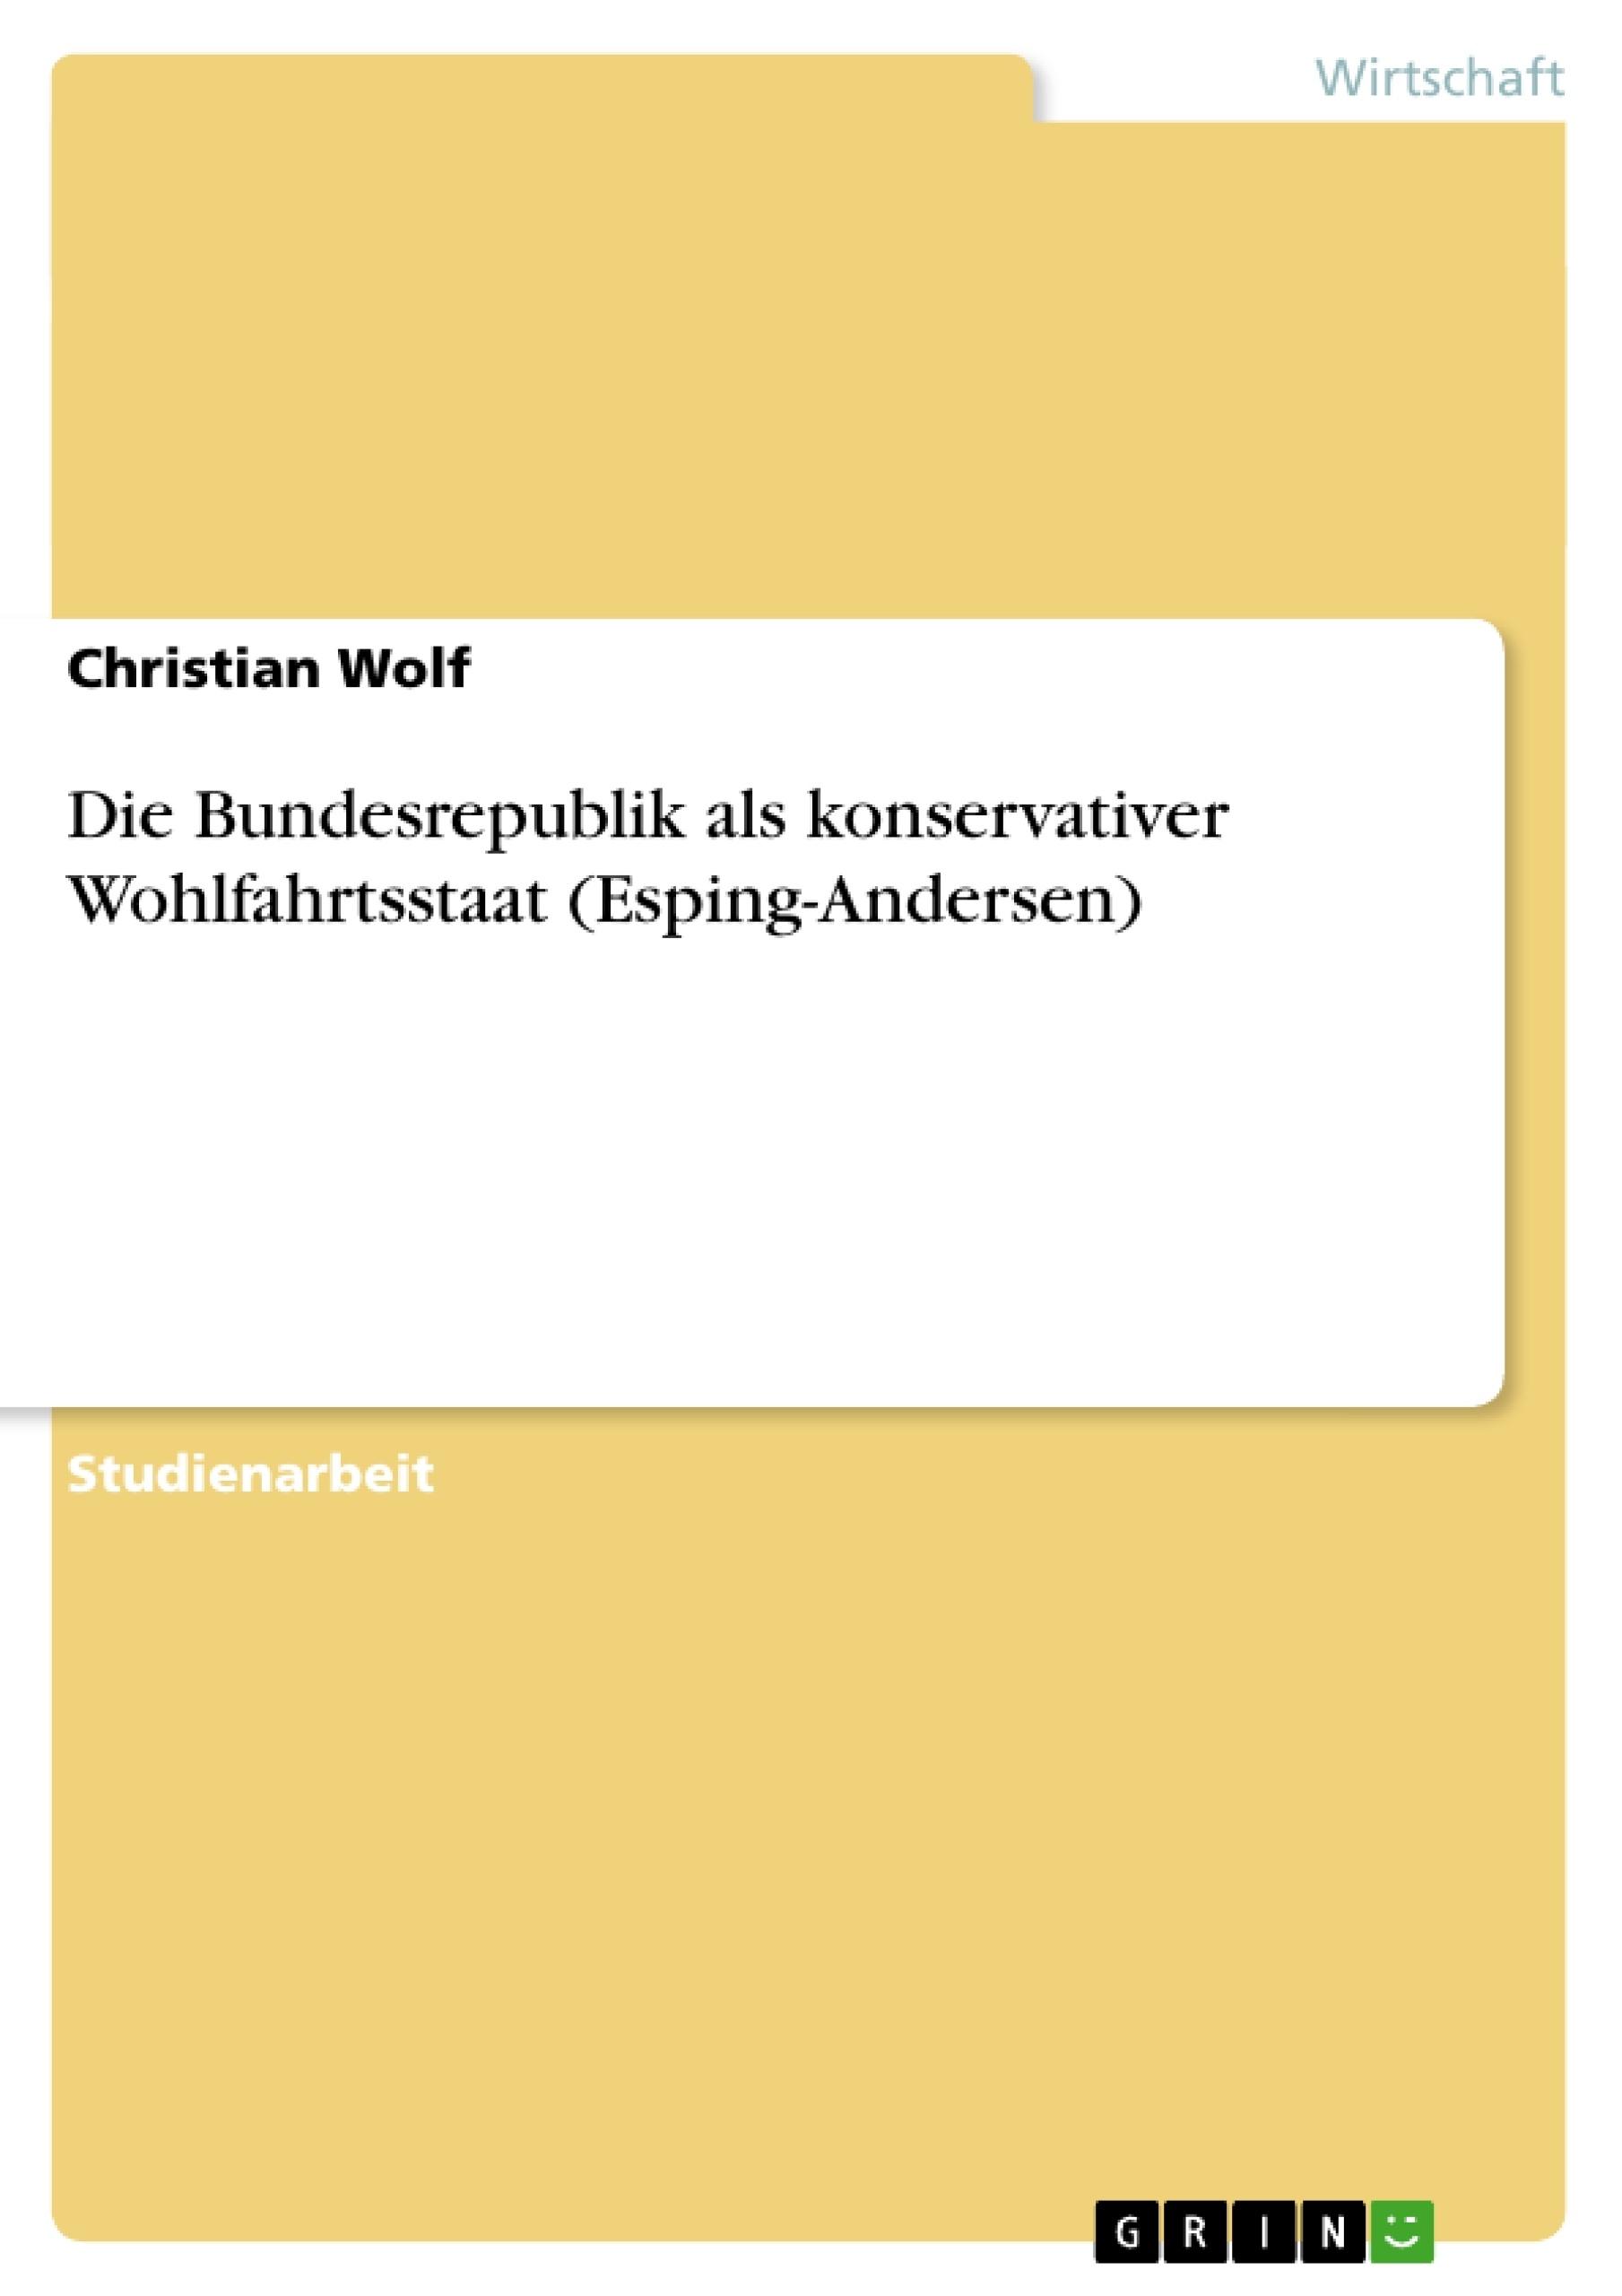 Titel: Die Bundesrepublik als konservativer Wohlfahrtsstaat (Esping-Andersen)